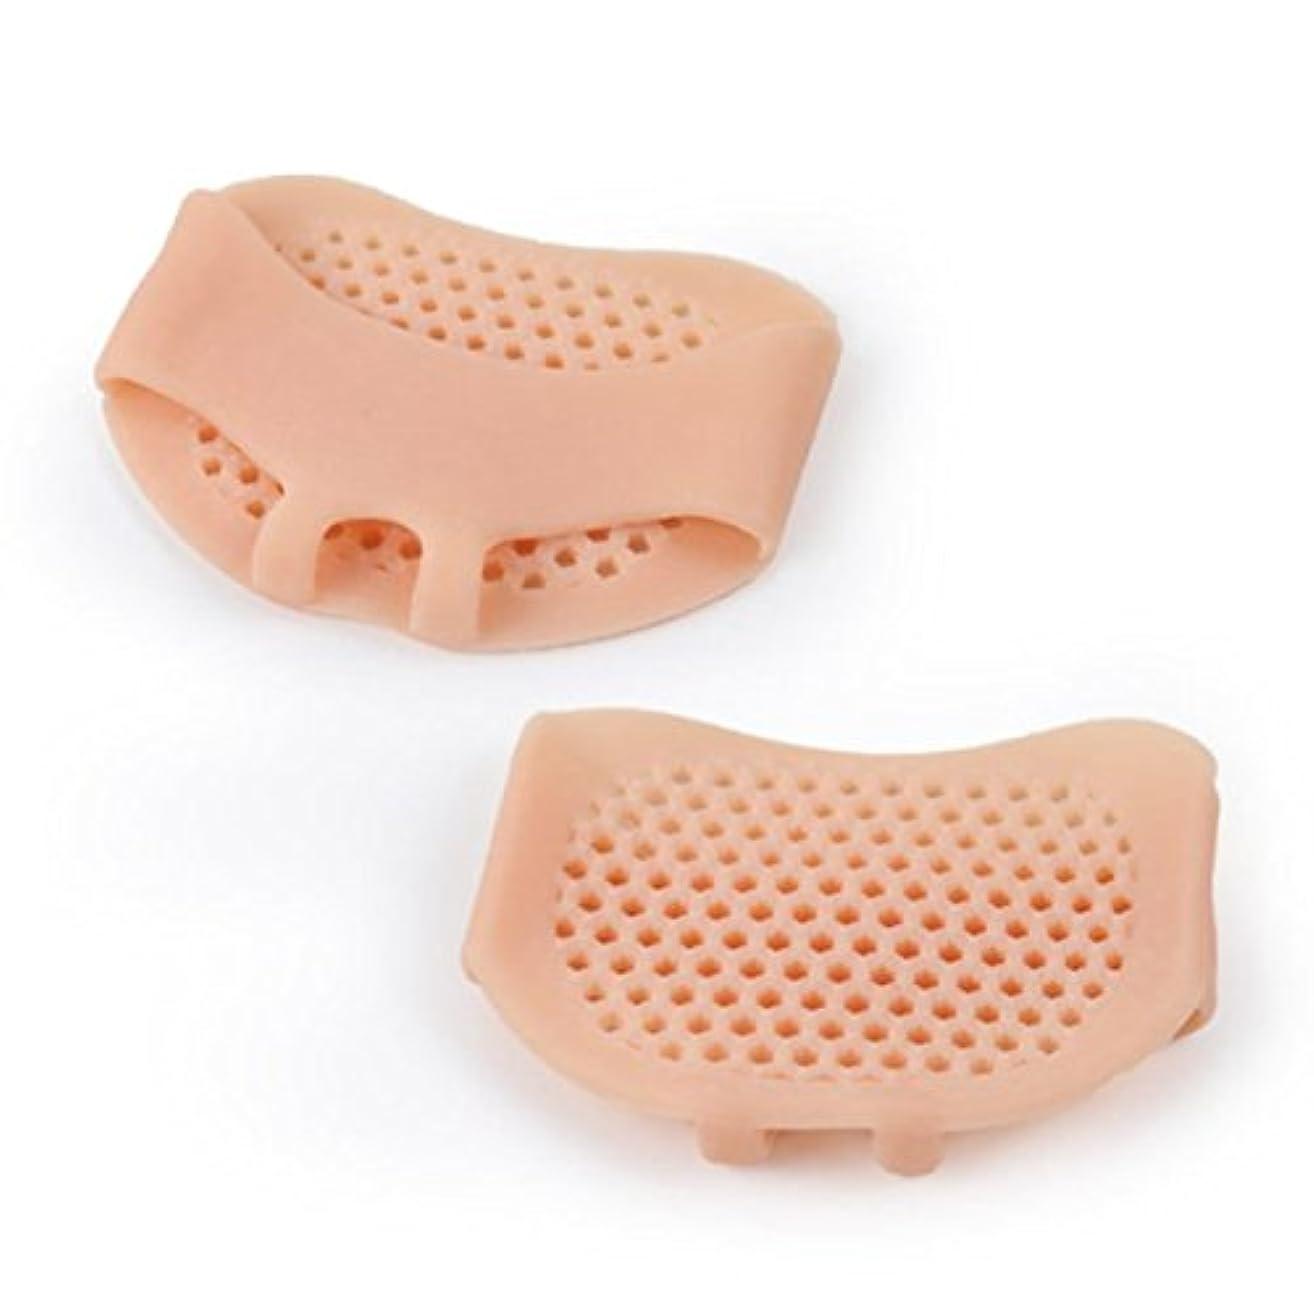 セクタ規定リング通気性のあるソフトシリコン女性インソールパッド滑り止め快適な女性フロントフットケアクッションハイヒール靴パッド-肌の色